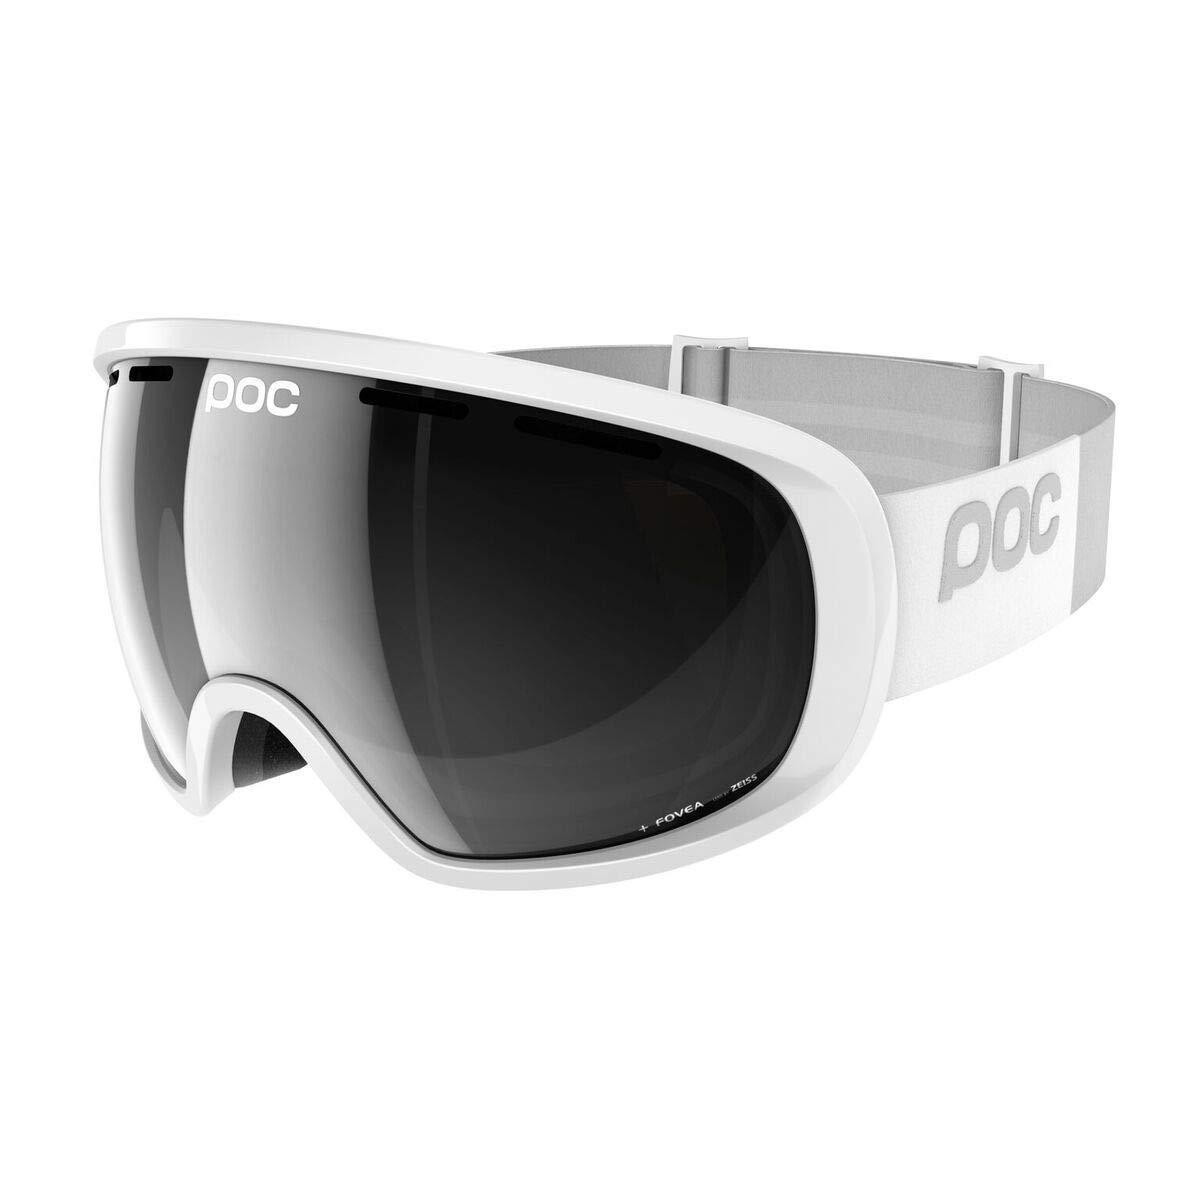 f1e323062e2c POC Fovea Skiing Goggles